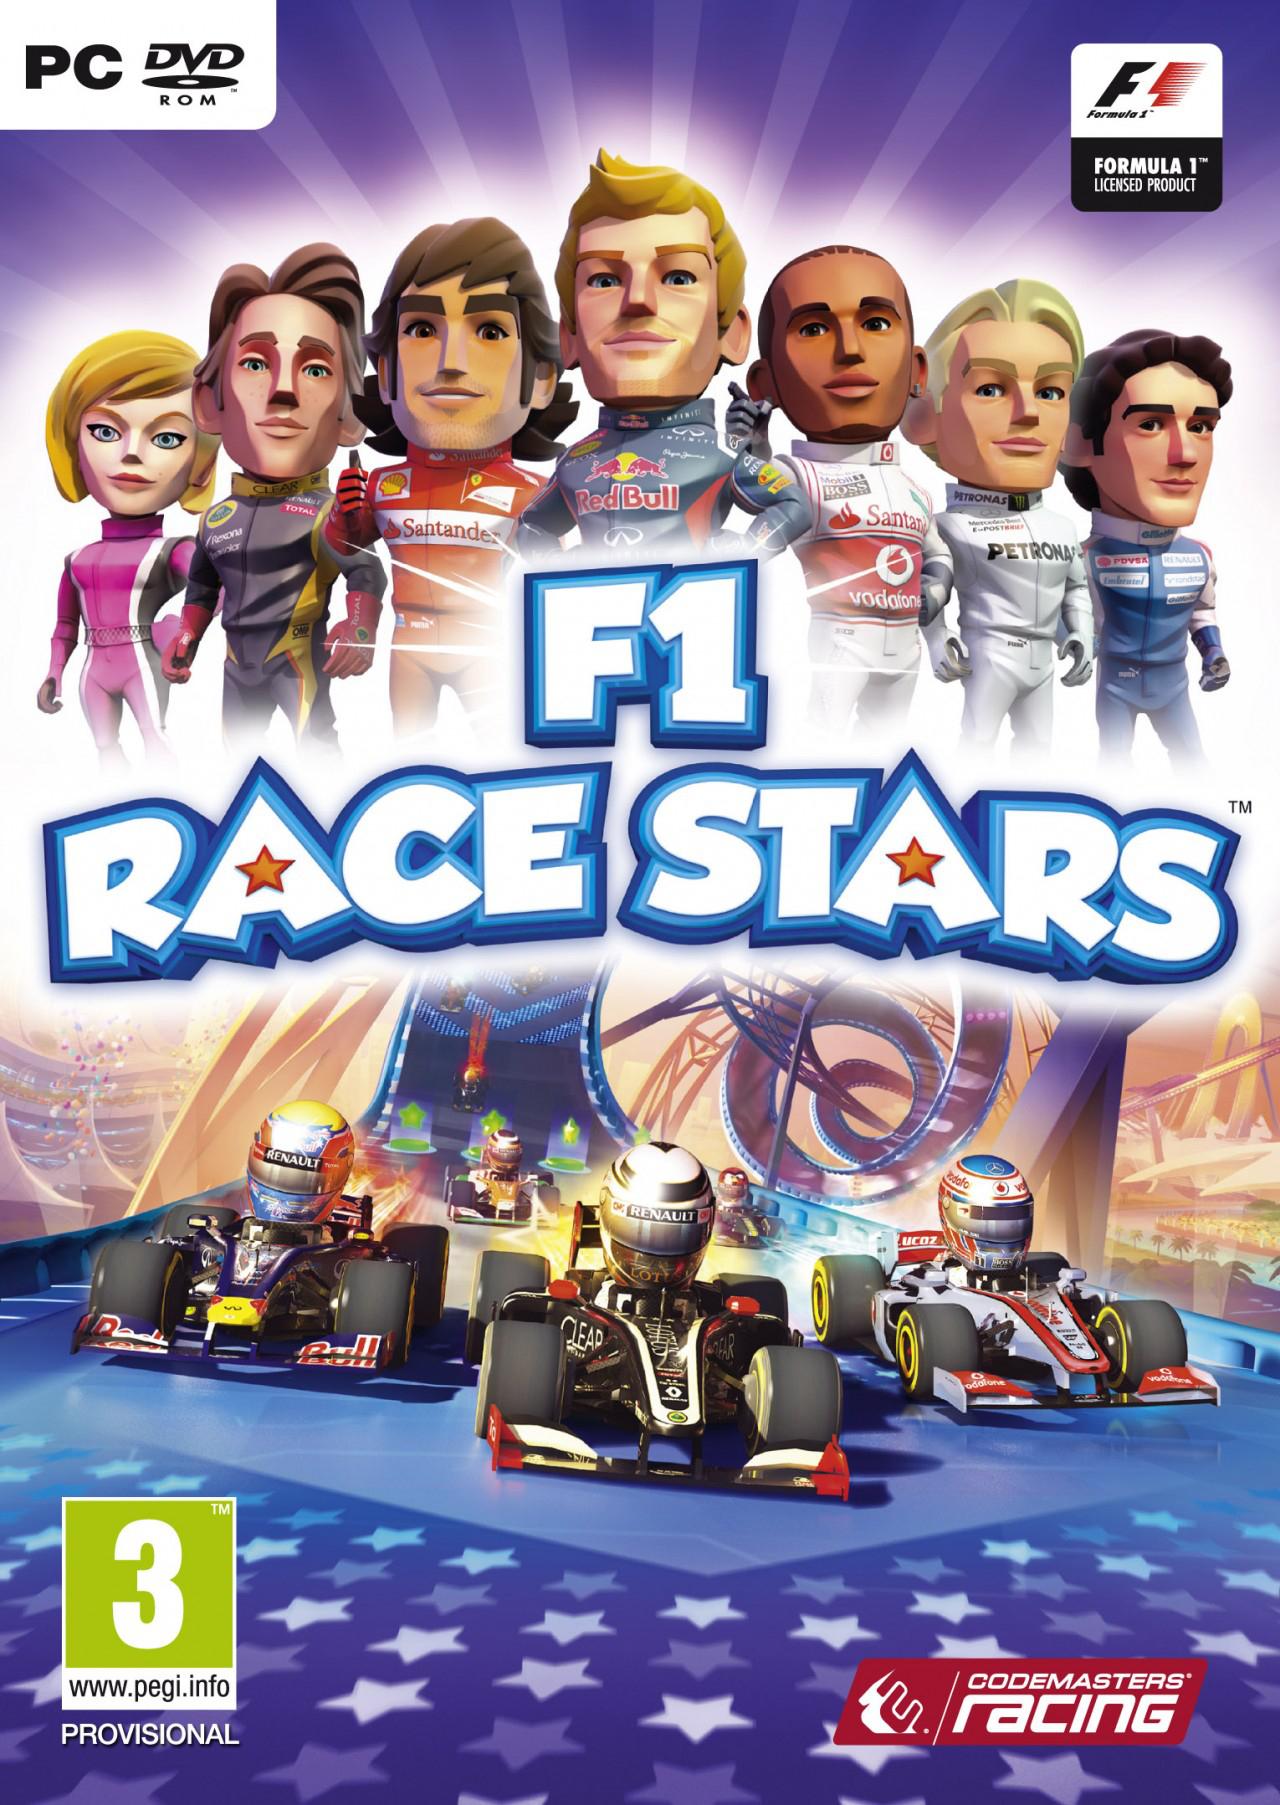 F1 Race Stars sur PC à 4.74€ et DLC